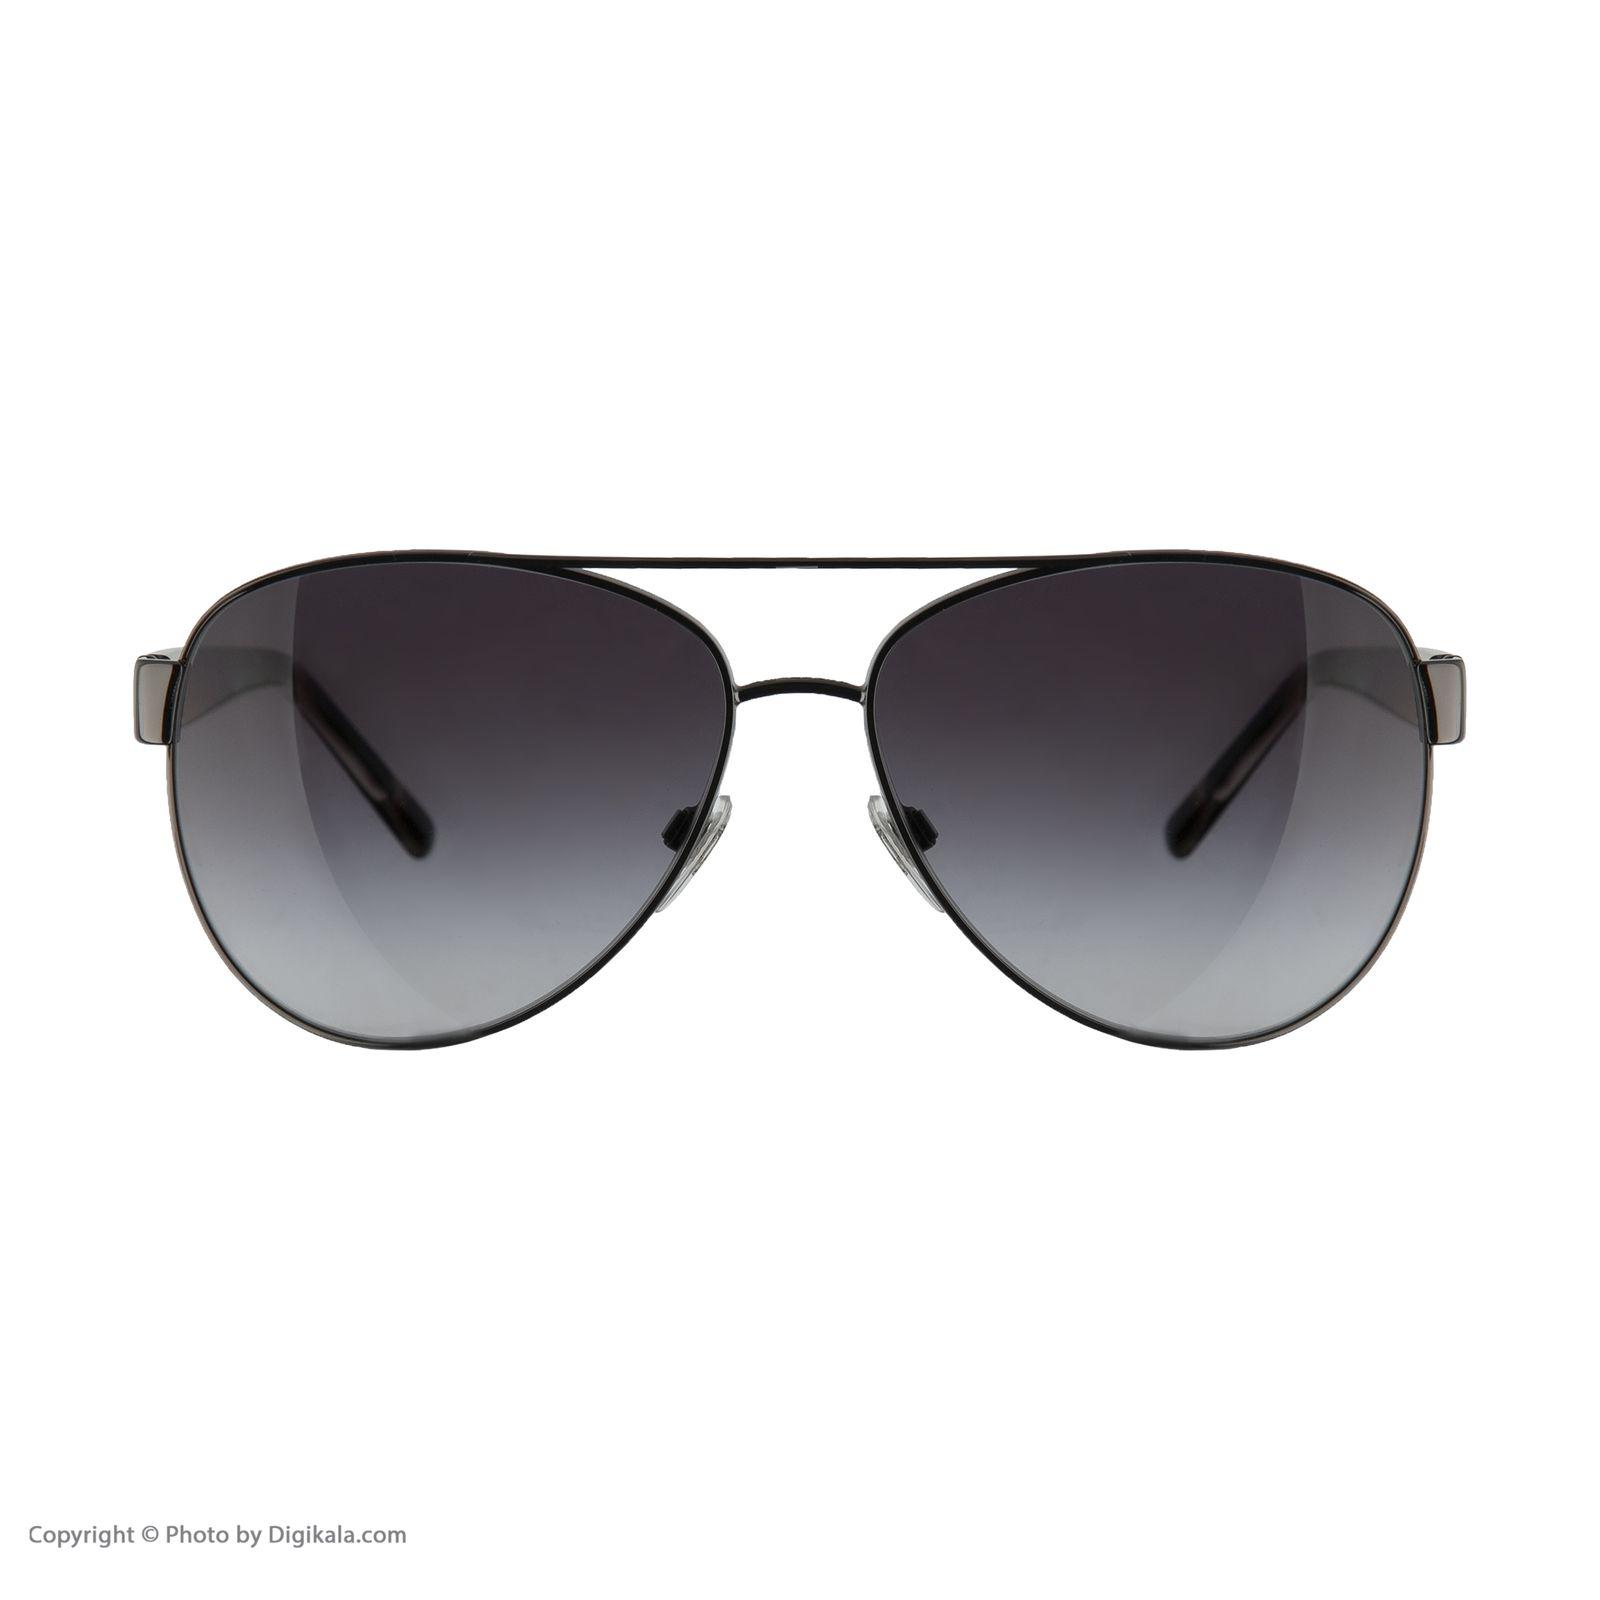 عینک آفتابی زنانه بربری مدل BE 3084S 12278G 60 -  - 3